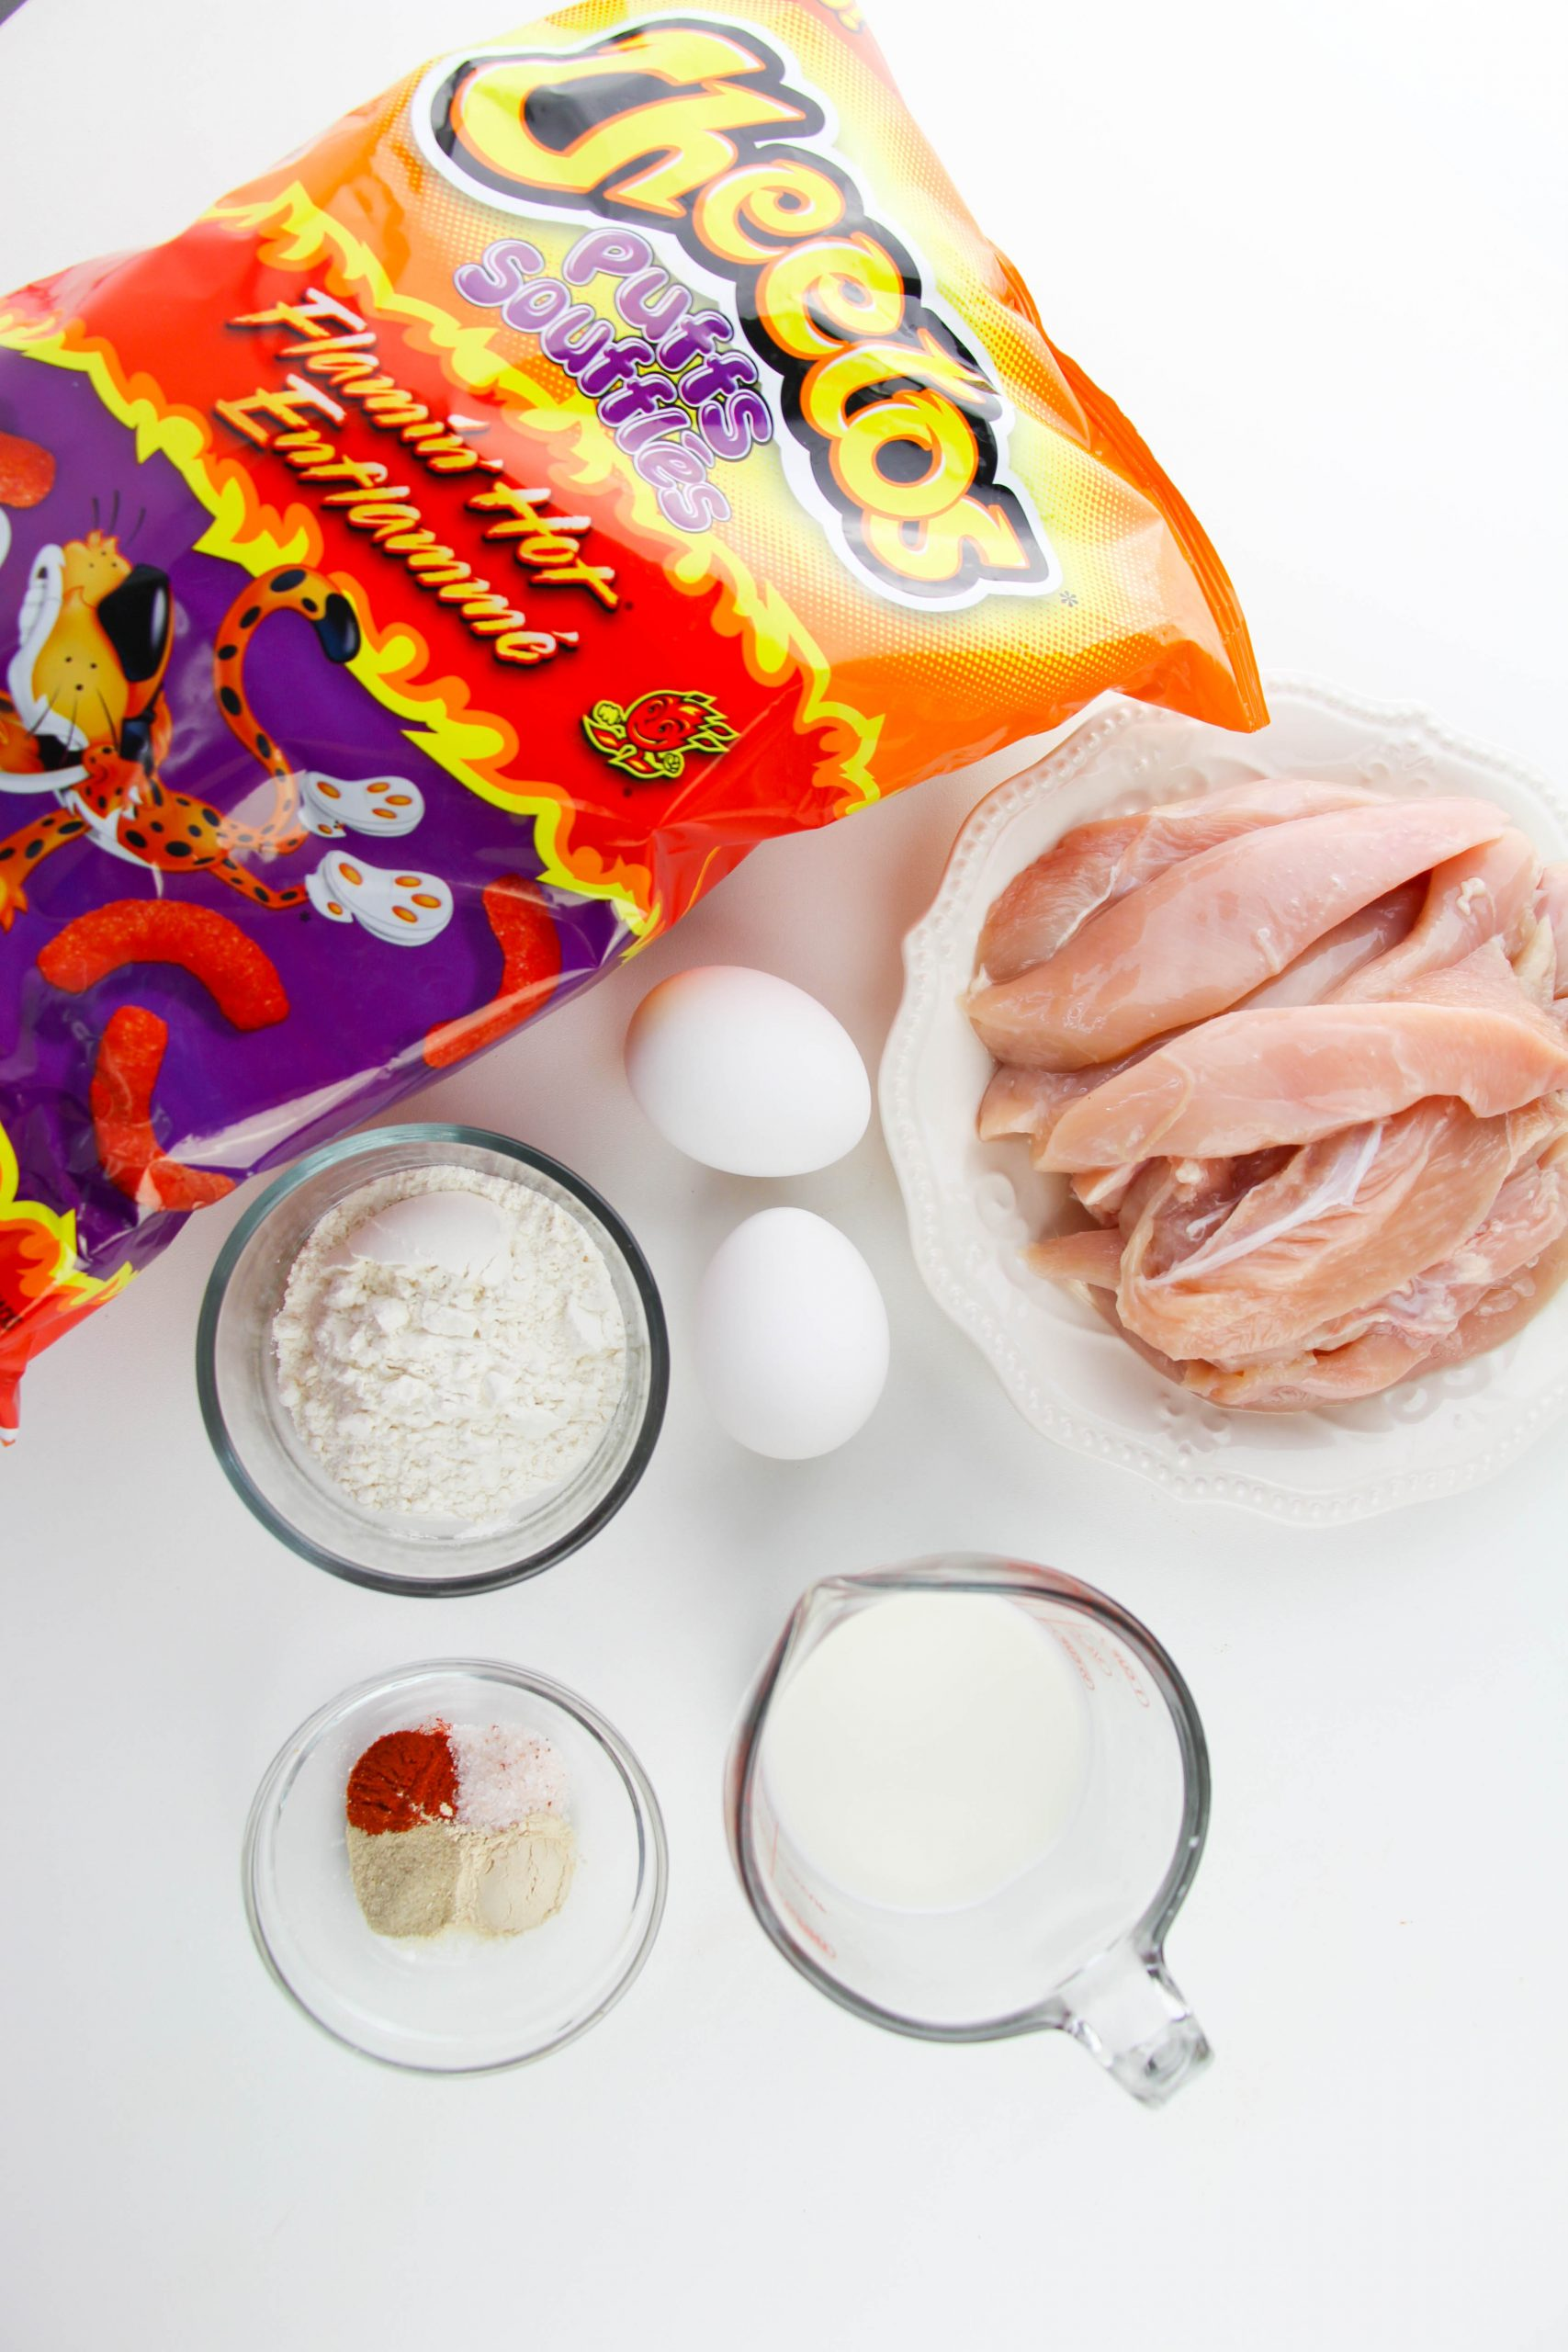 Cheeto Chicken Finger Ingredients